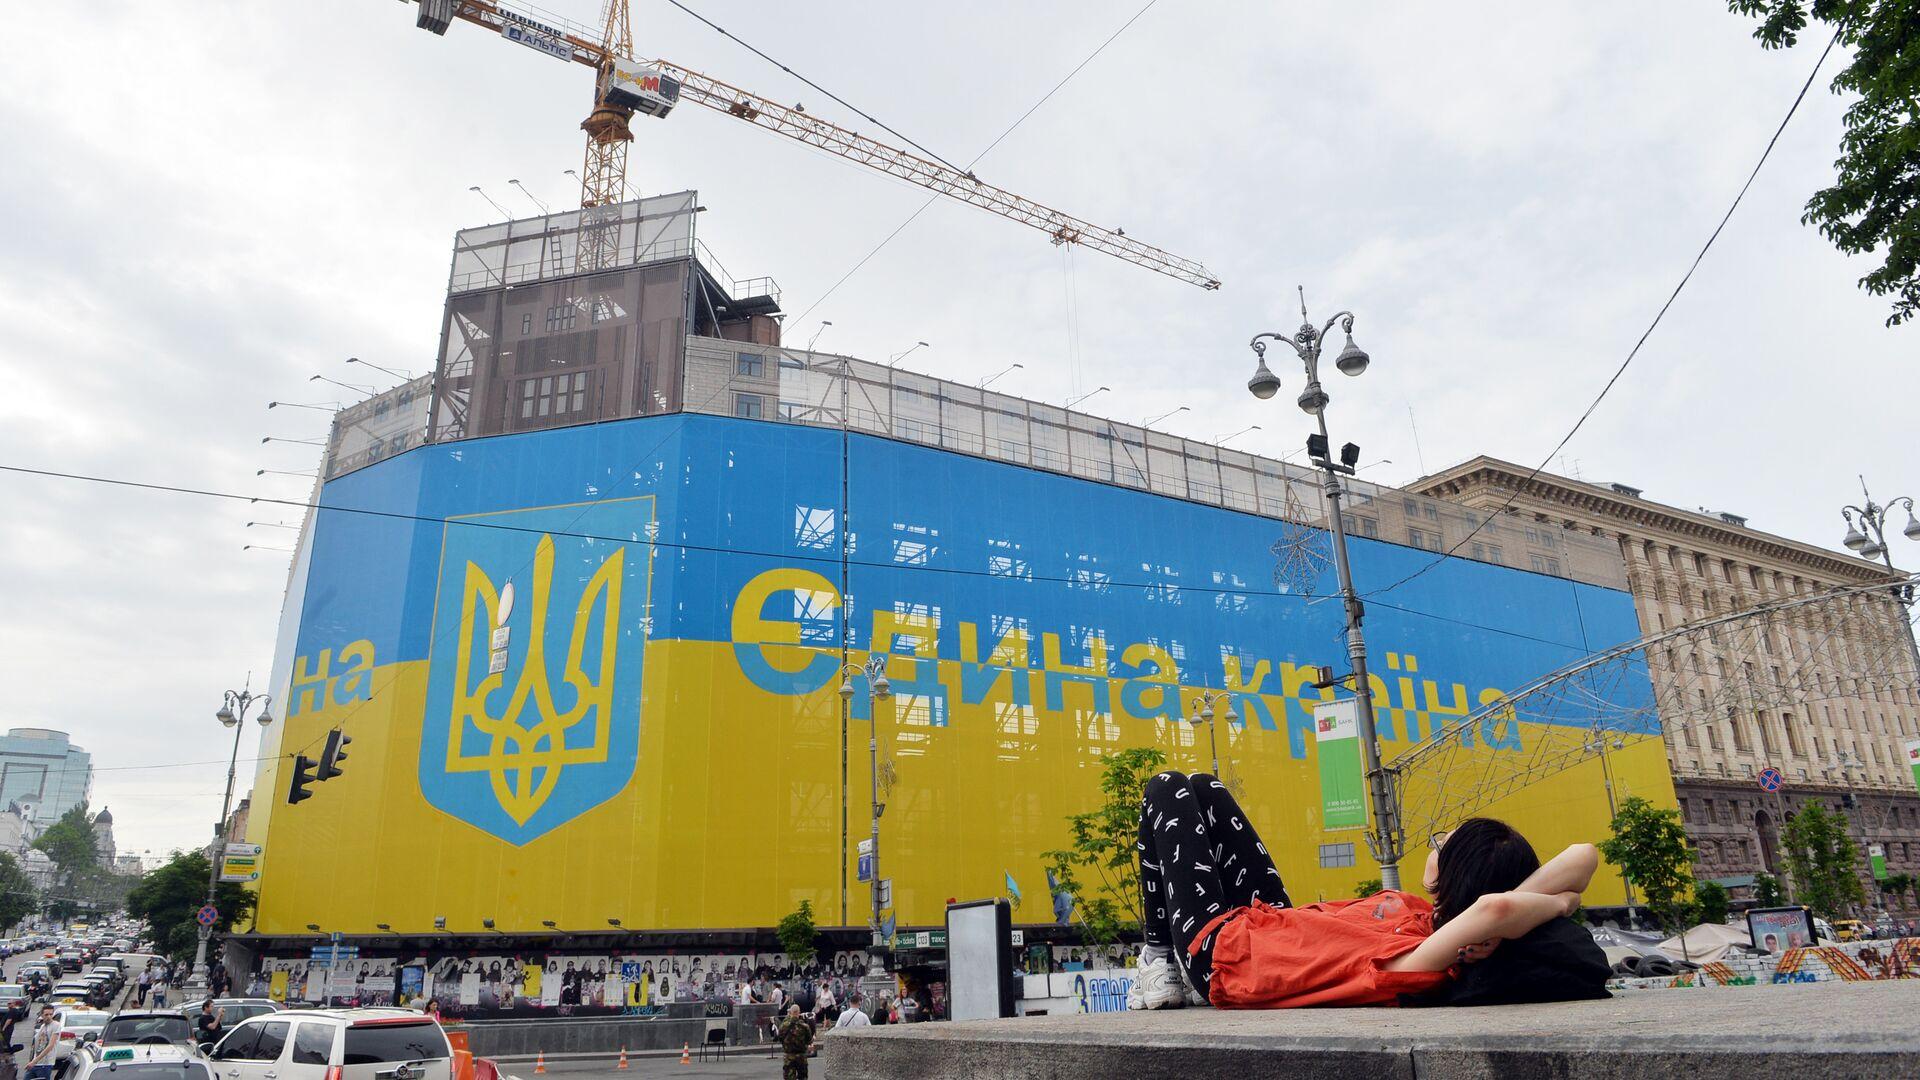 Флаг и герб Украины на здании в центре Киева. Архивное фото - РИА Новости, 1920, 14.11.2016